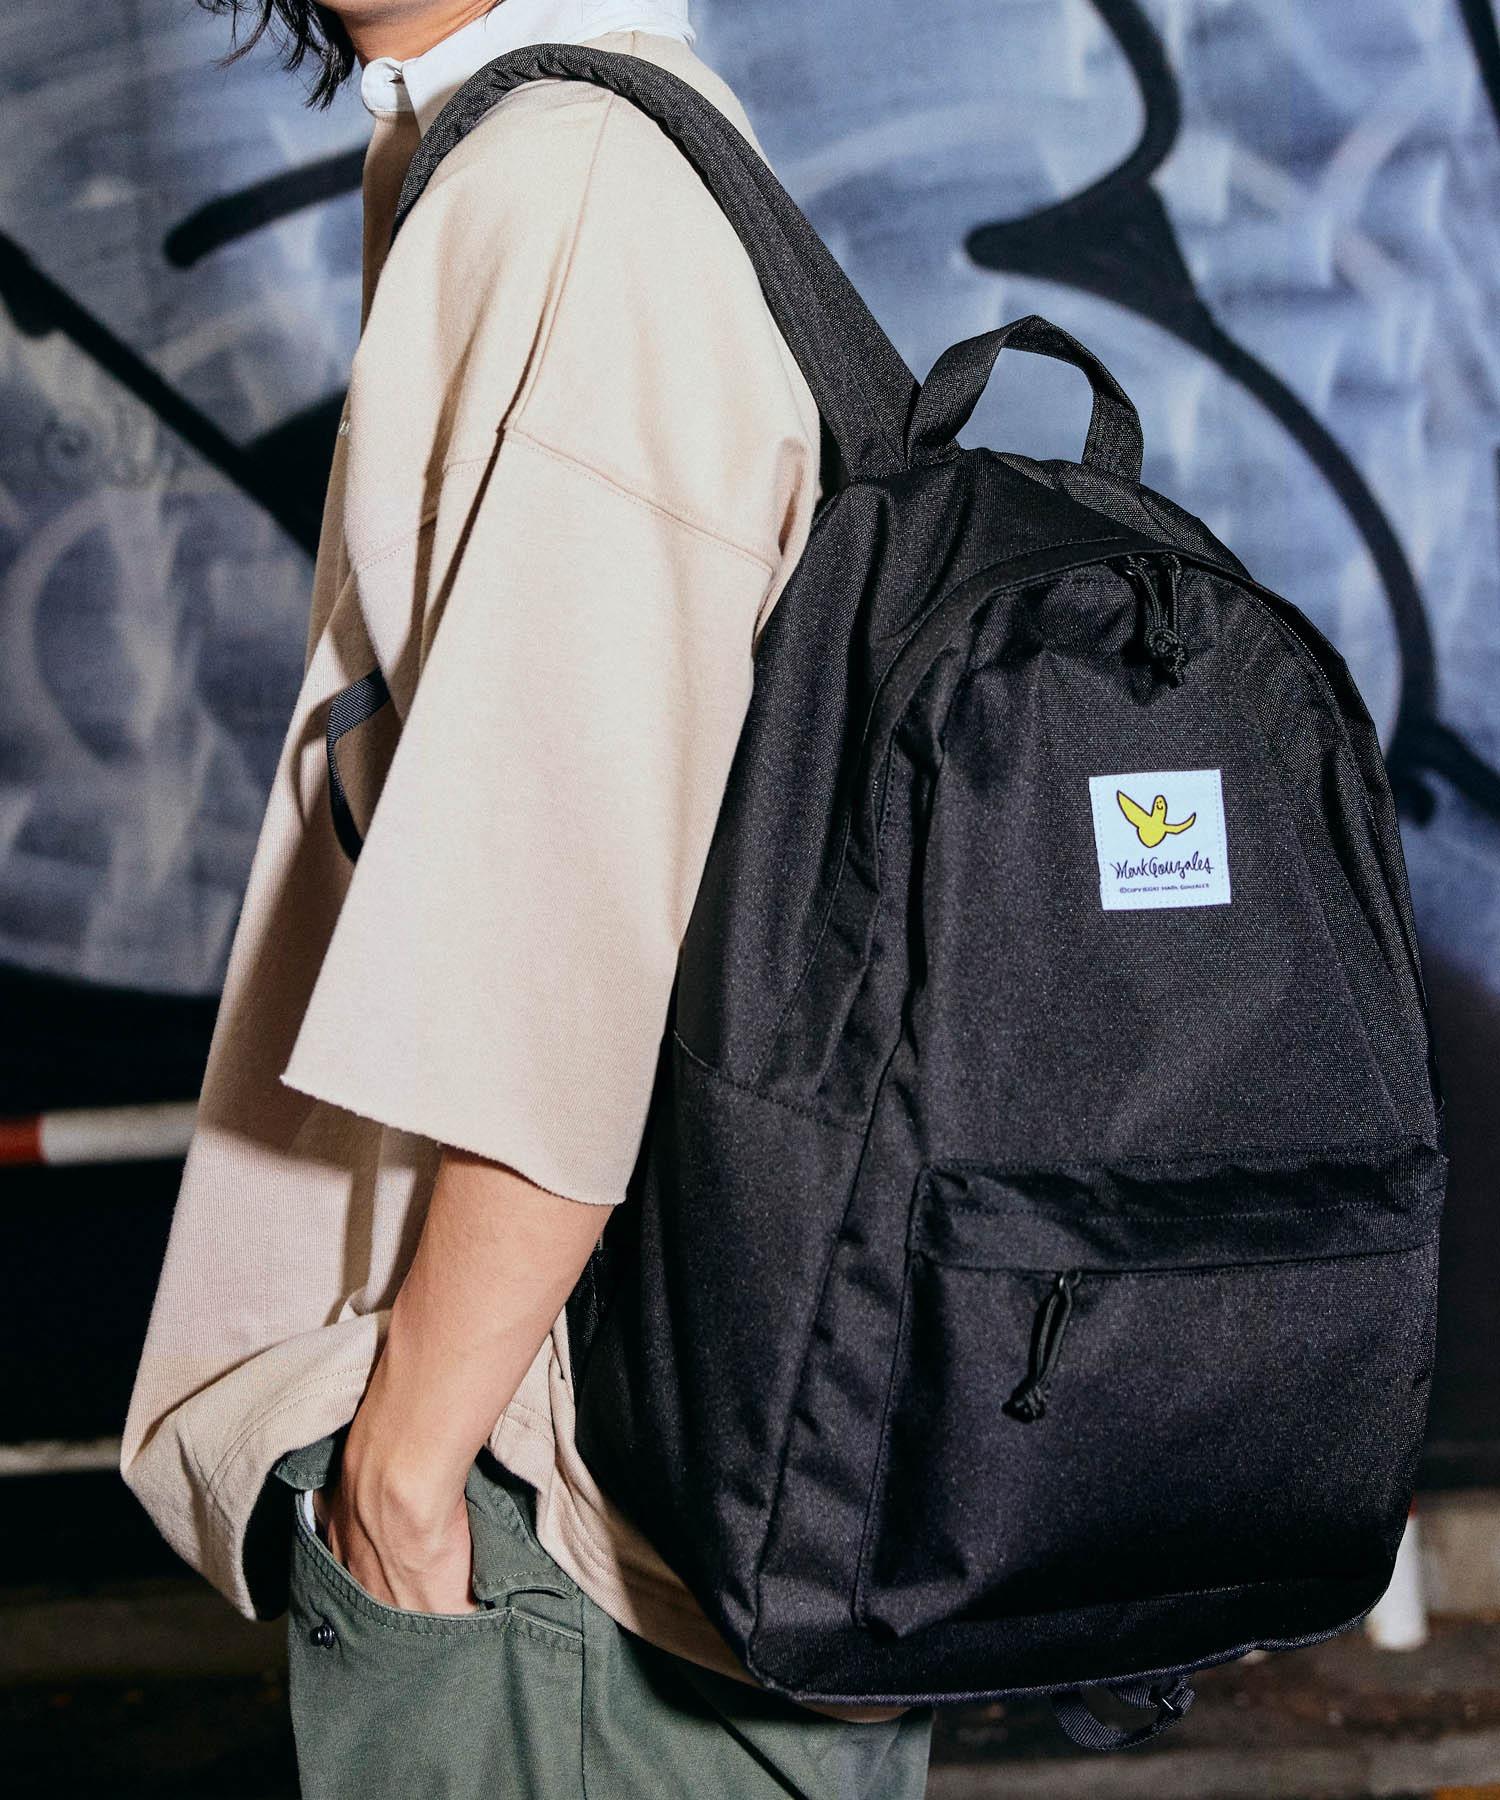 Mark Gonzales/マークゴンザレス MONO-MART別注 ピスデザイン バックパック